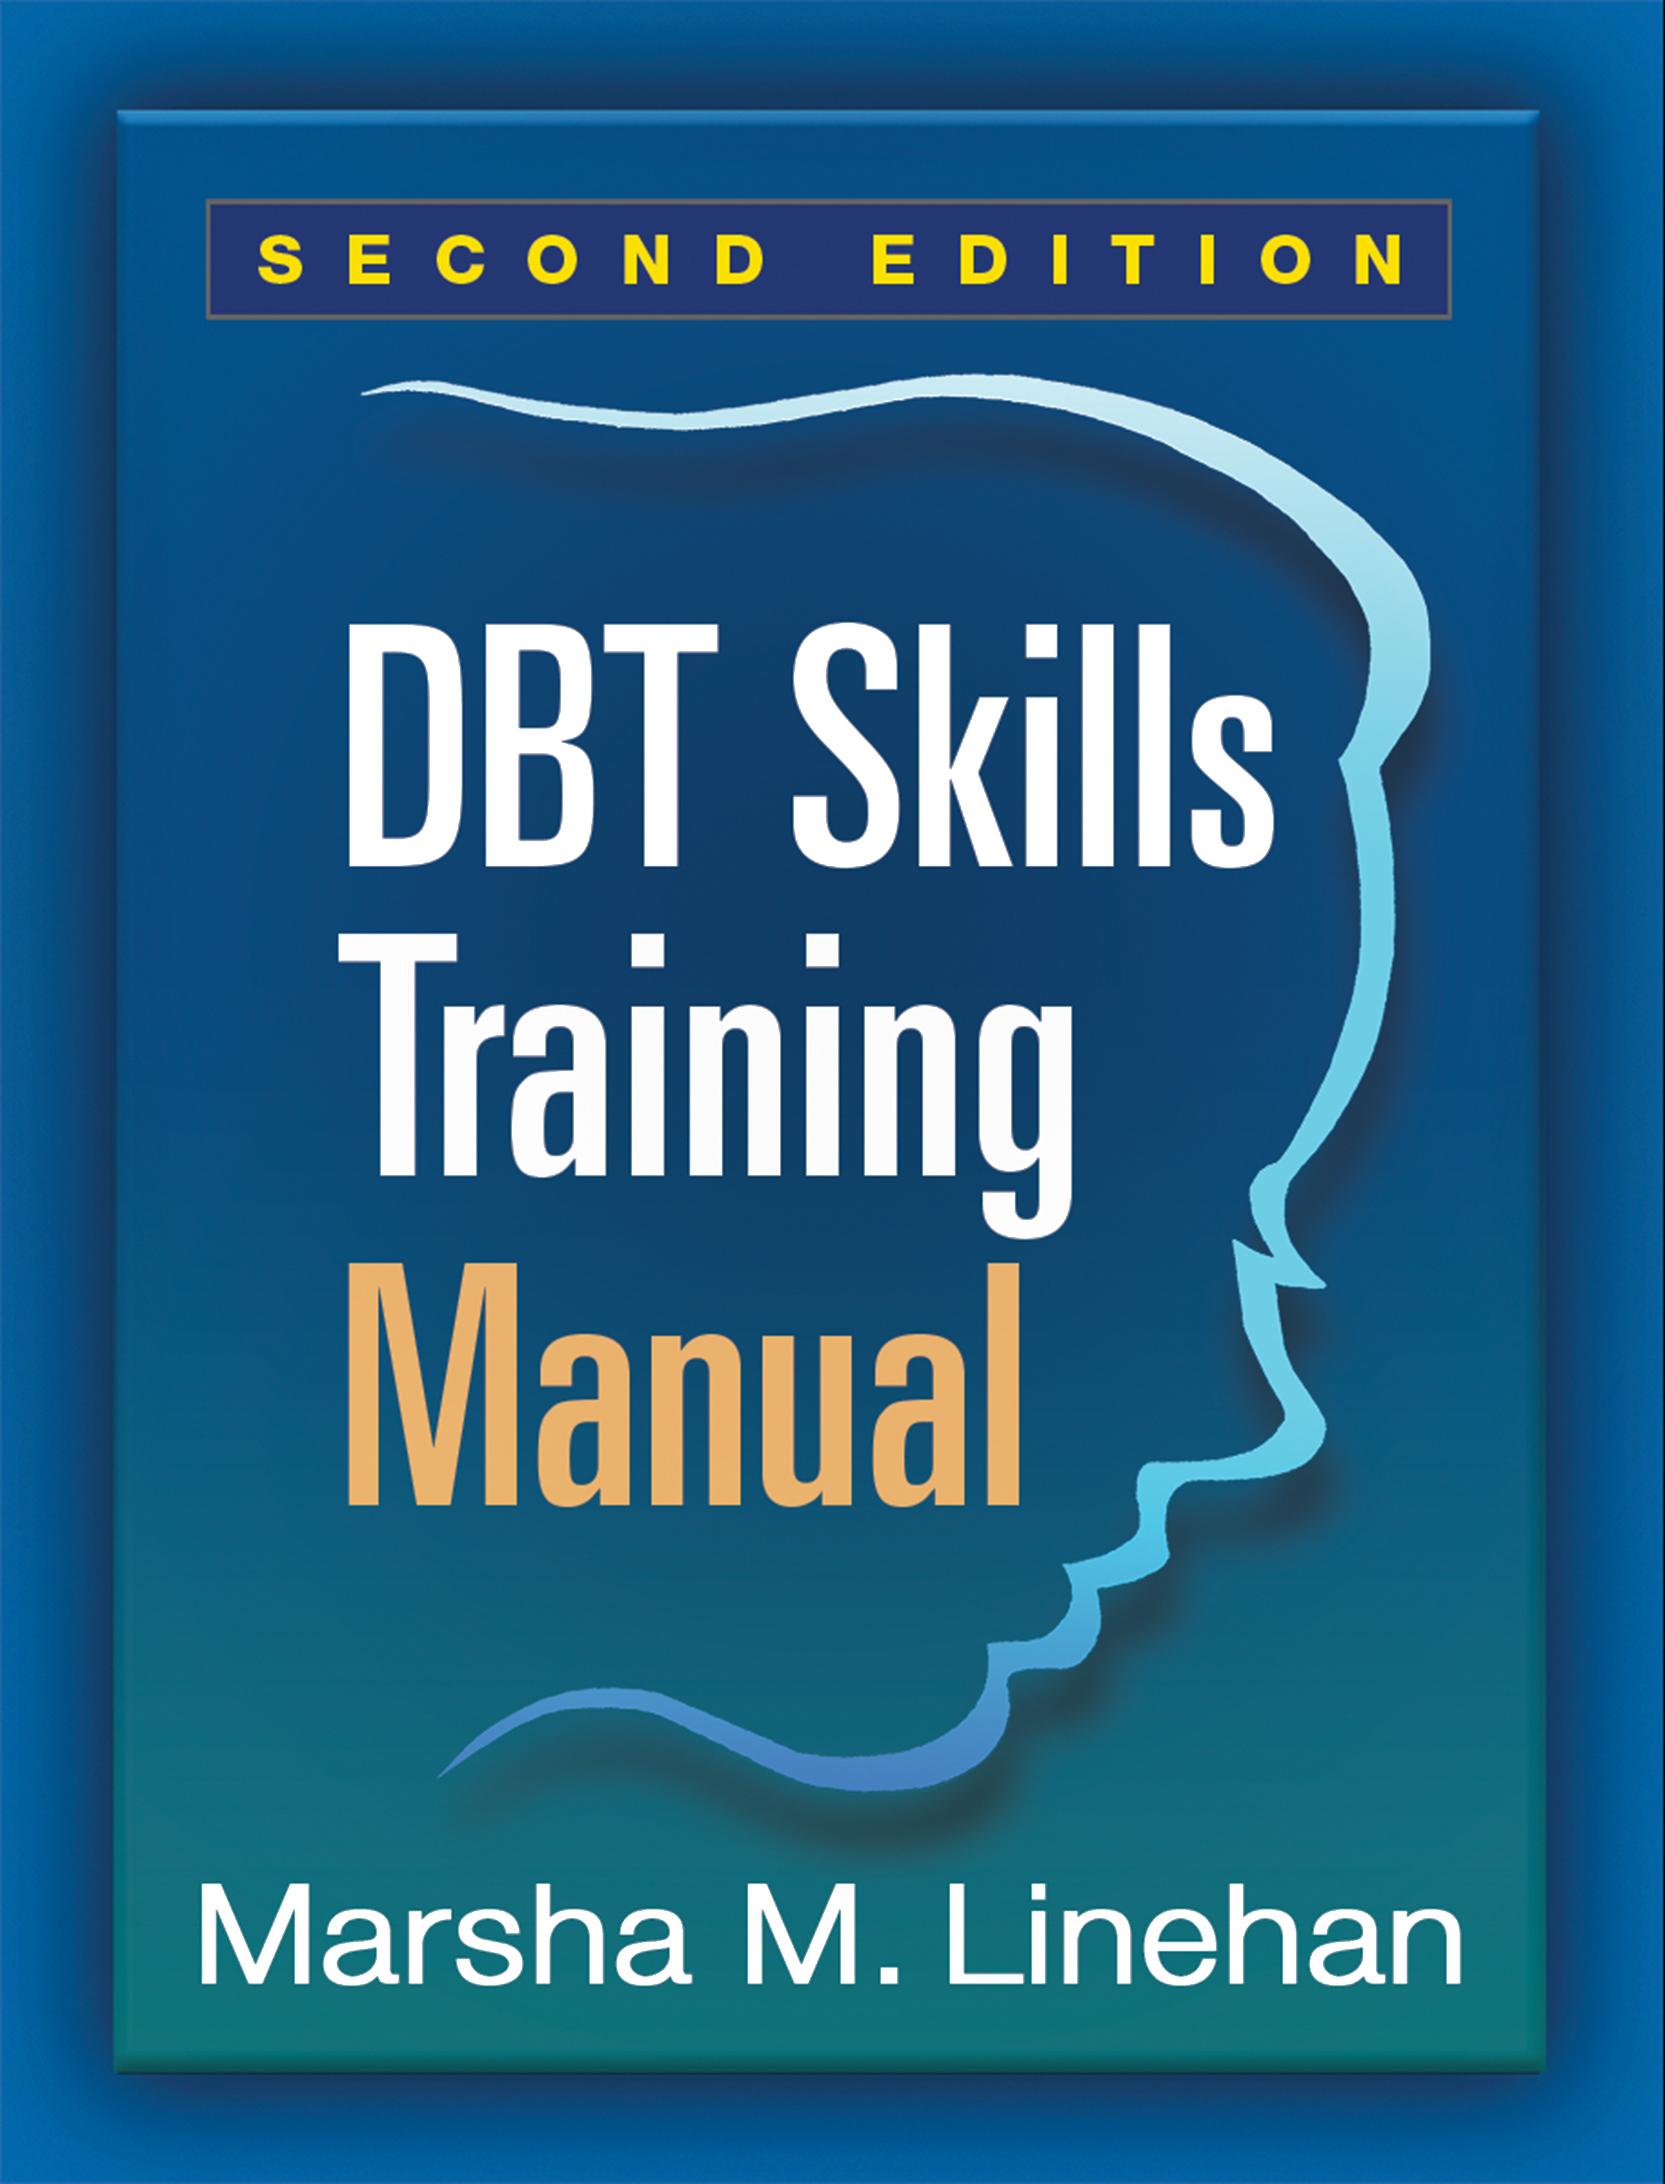 DBT Treatment Developer Dr. Marsha Linehan Releases New ...